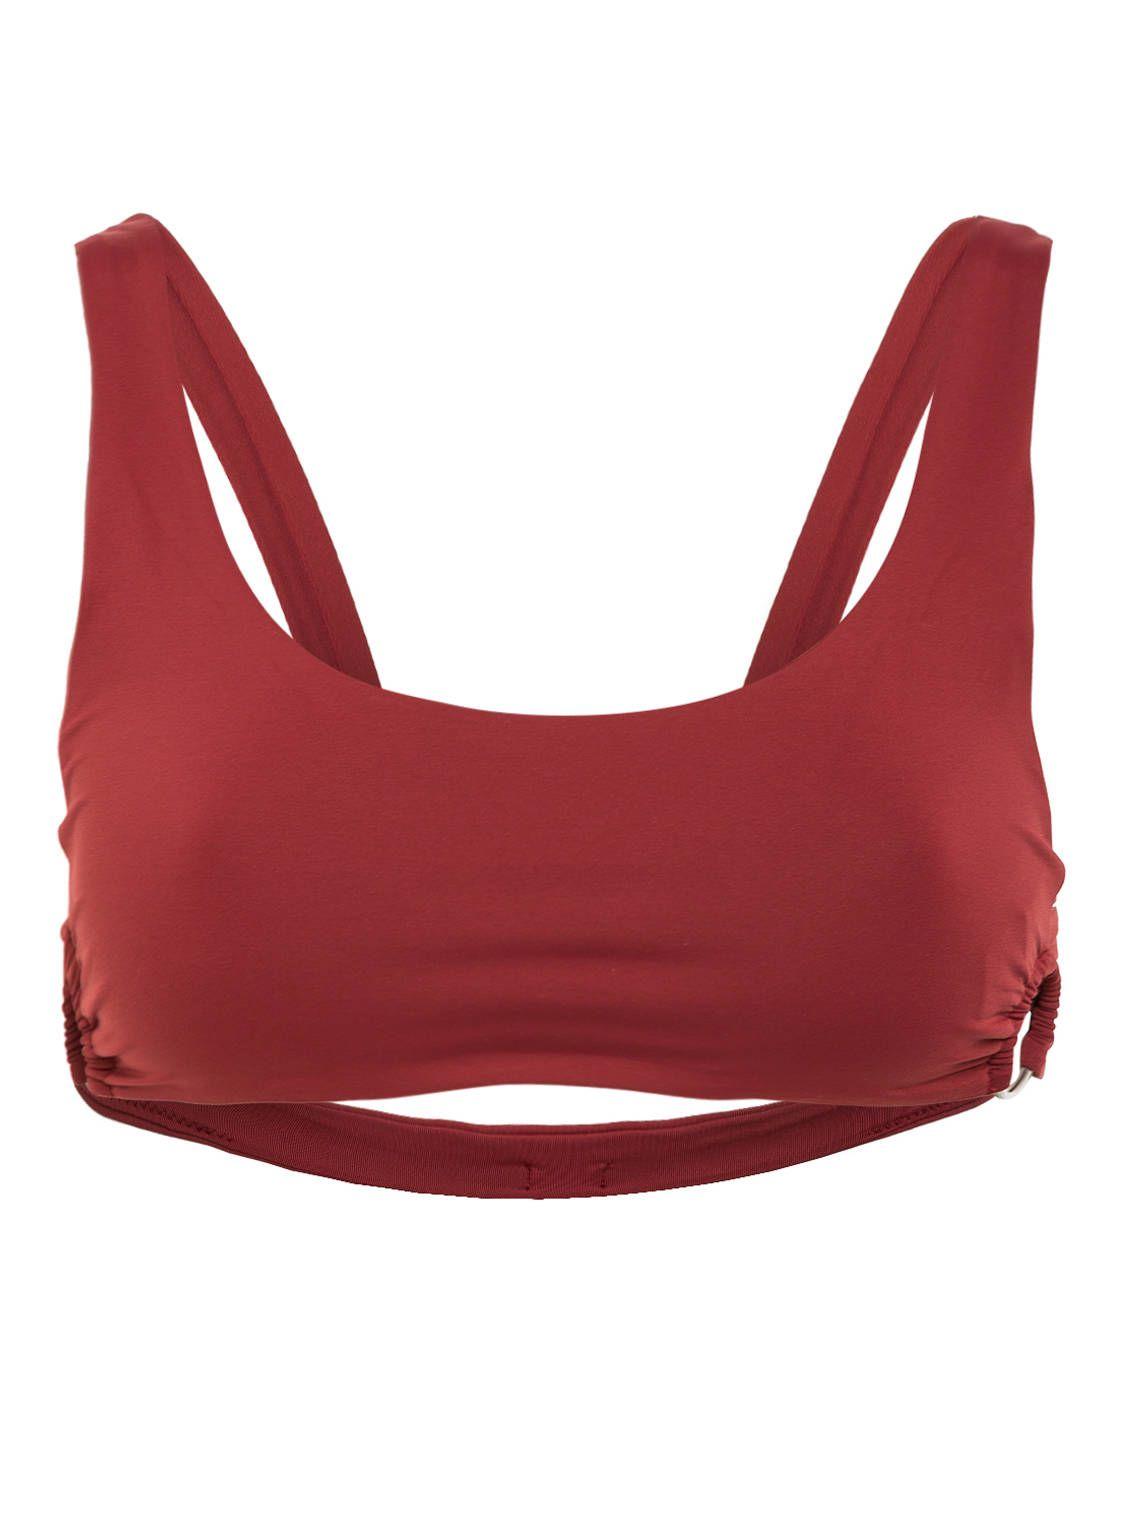 Bustier-Bikini-TOp PALCO RING  von BANANA MOON bei Breuninger kaufen